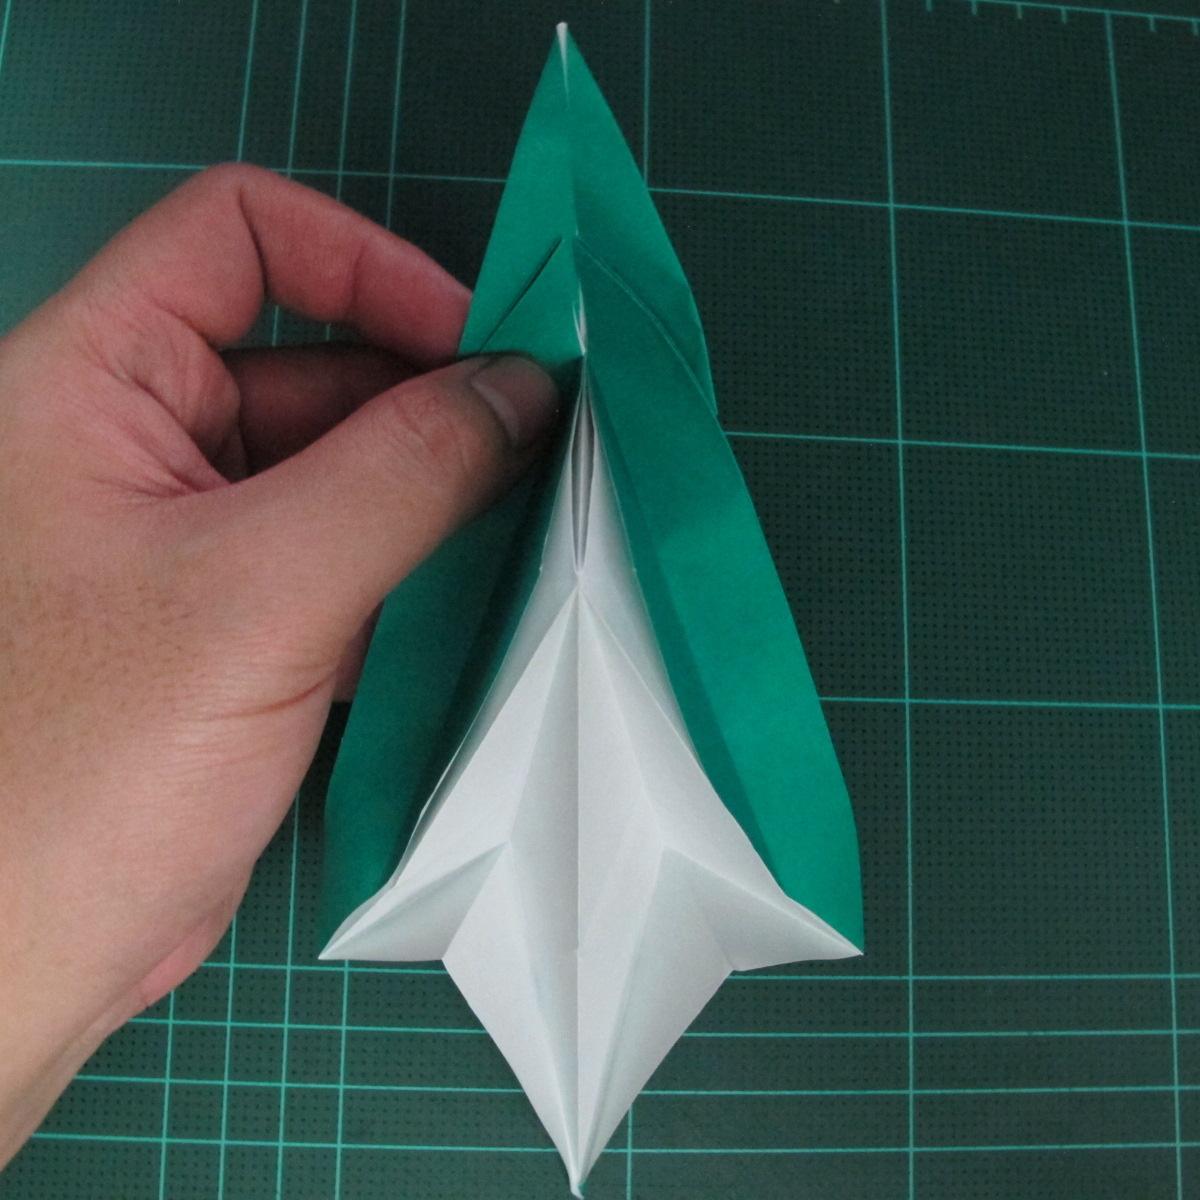 การพับกระดาษเป็นรูปเรือมังกร (Origami Dragon Boat) 022